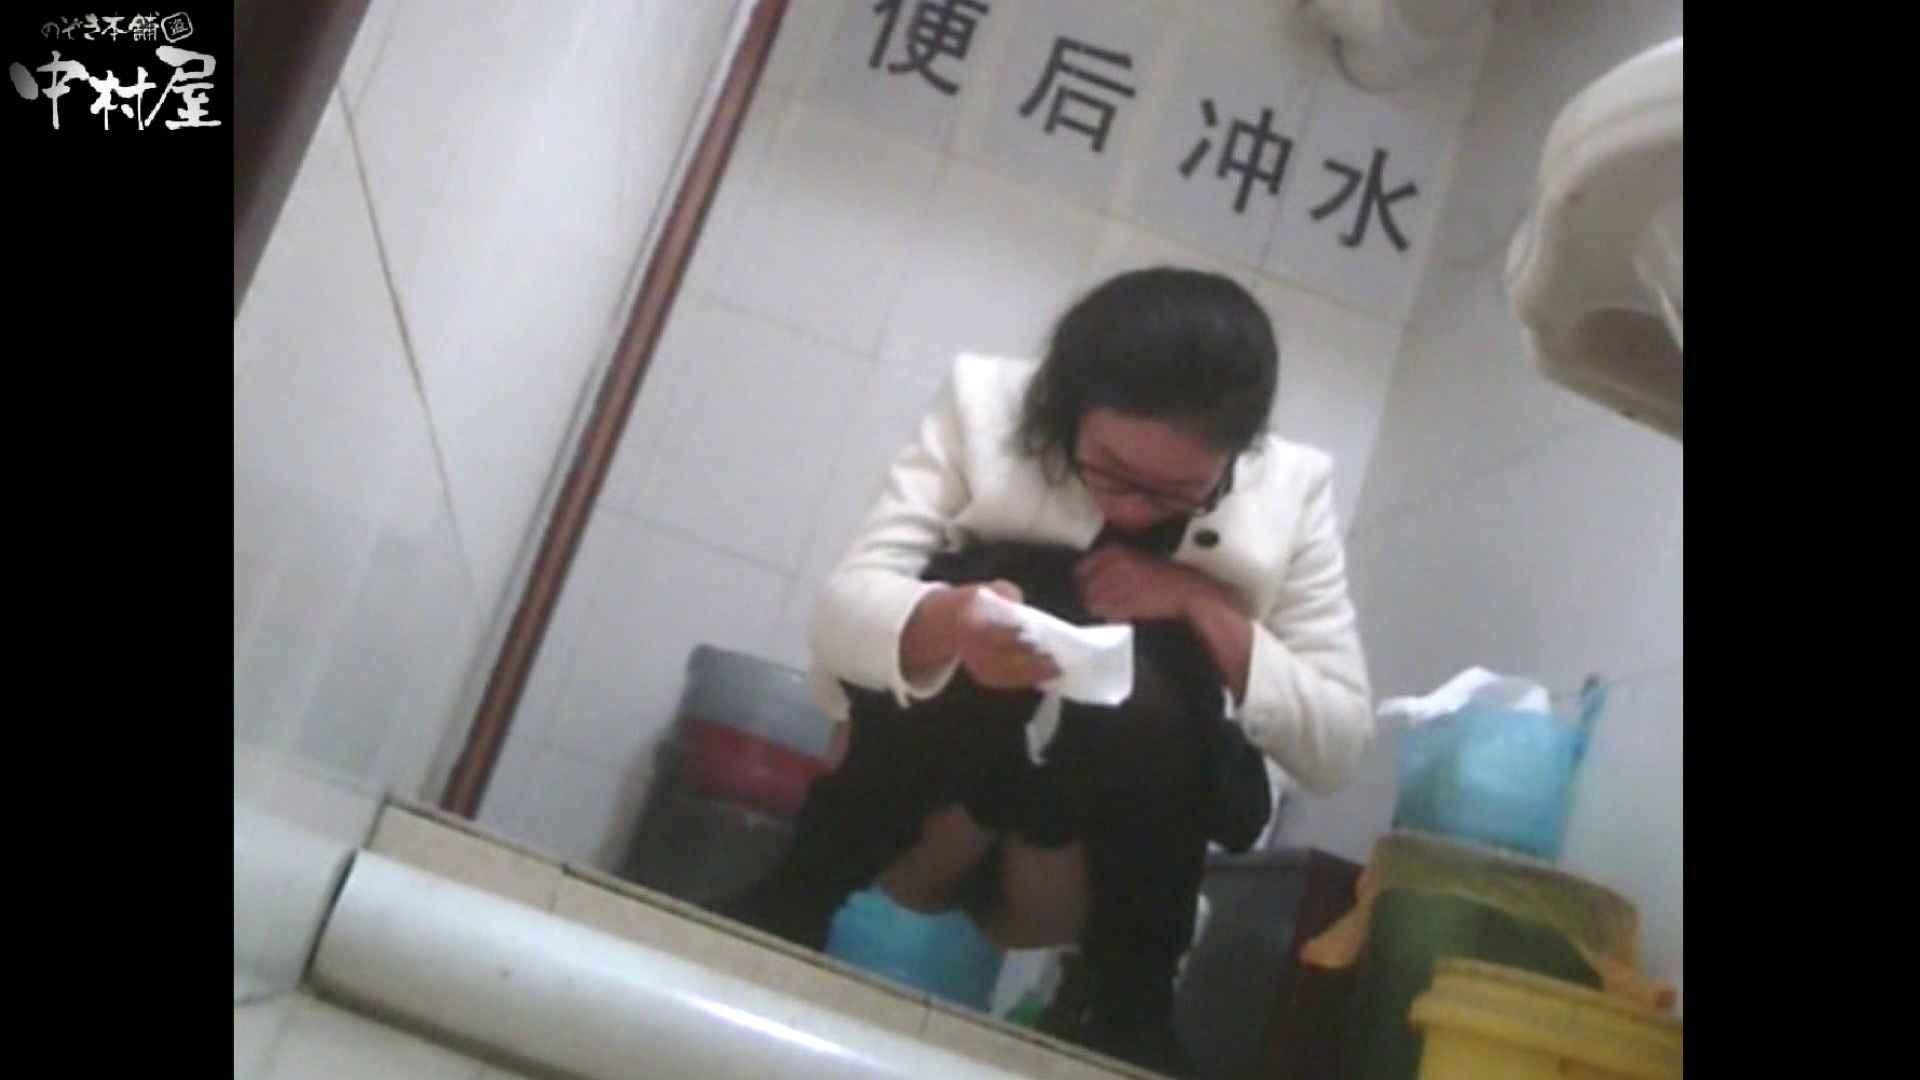 李さんの盗撮日記 Vol.15 トイレ | ギャルのエロ動画 盗撮 78PIX 5